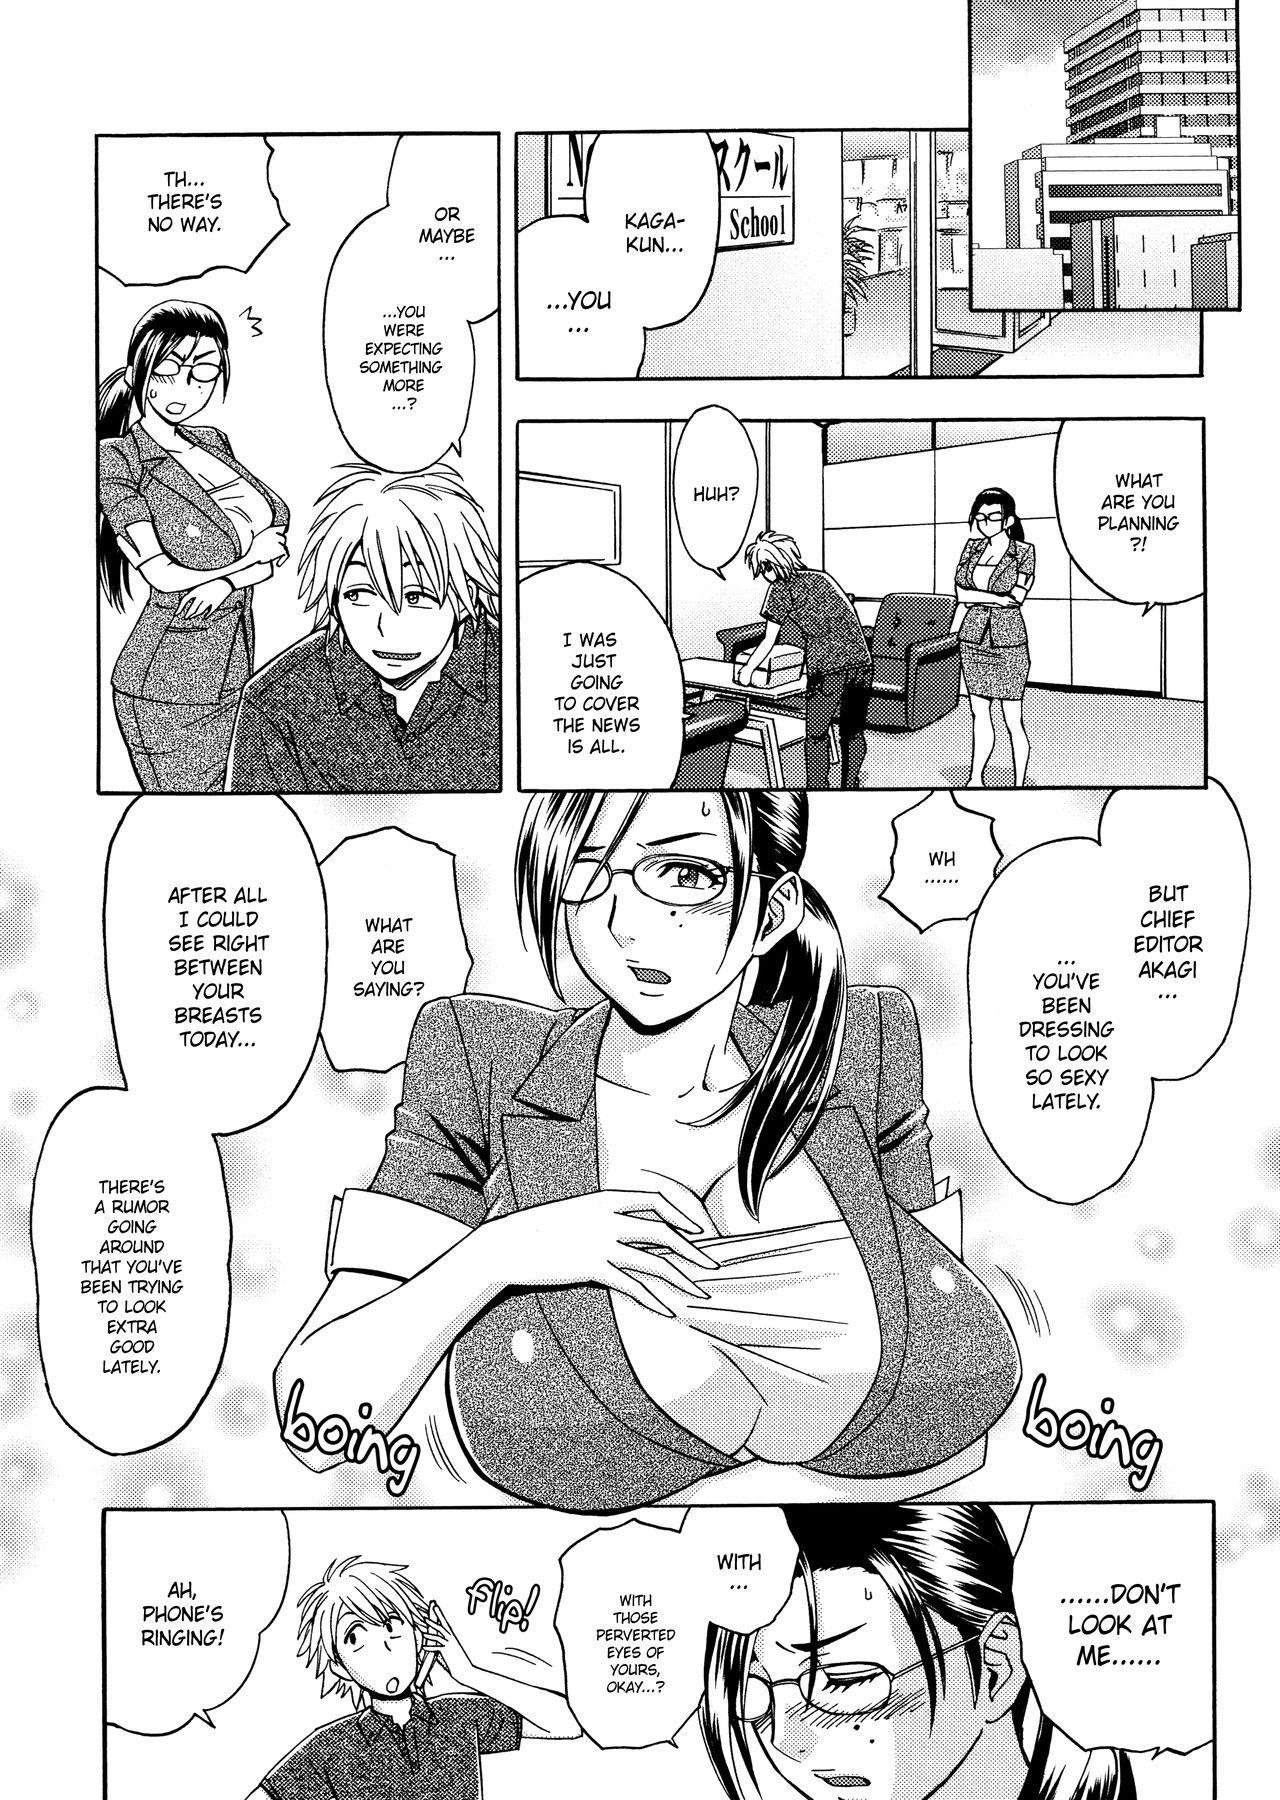 [Tatsunami Youtoku, Yamazaki Masato] Bijin Henshuu-chou no Himitsu | Beautiful Editor-in-Chief's Secret Ch. 1-7 [English] [Forbiddenfetish77, Red Vodka, Crystalium, CEDR777] [Decensored] 28